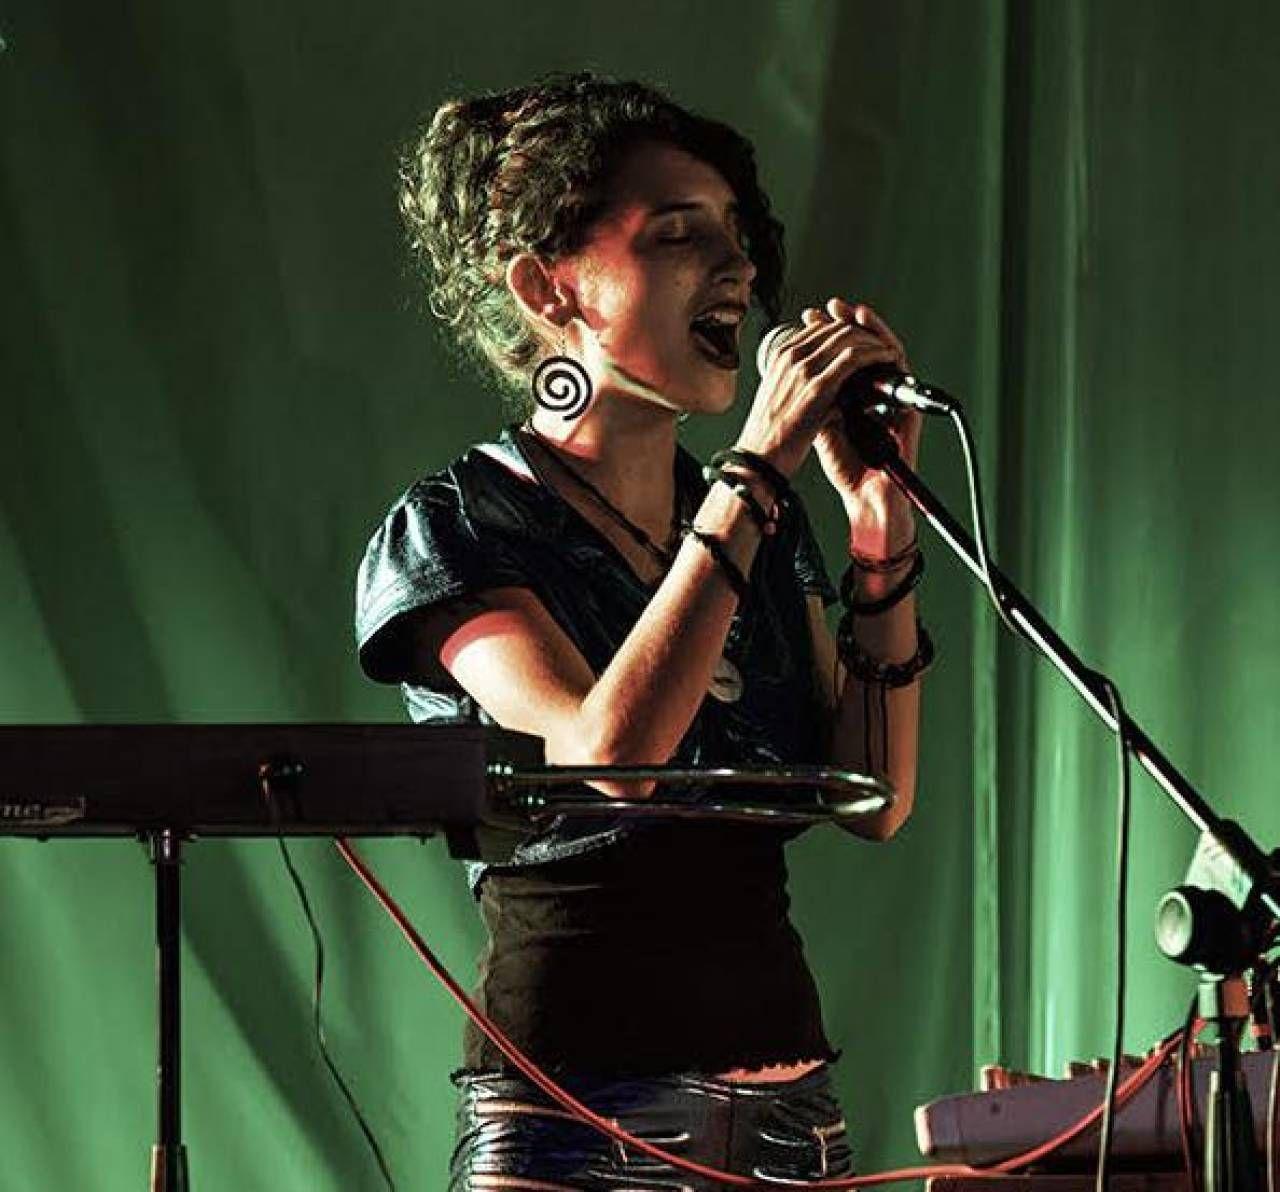 Valeria Sturba è una polistrumentista e domani sarà protagonista in Ghiara